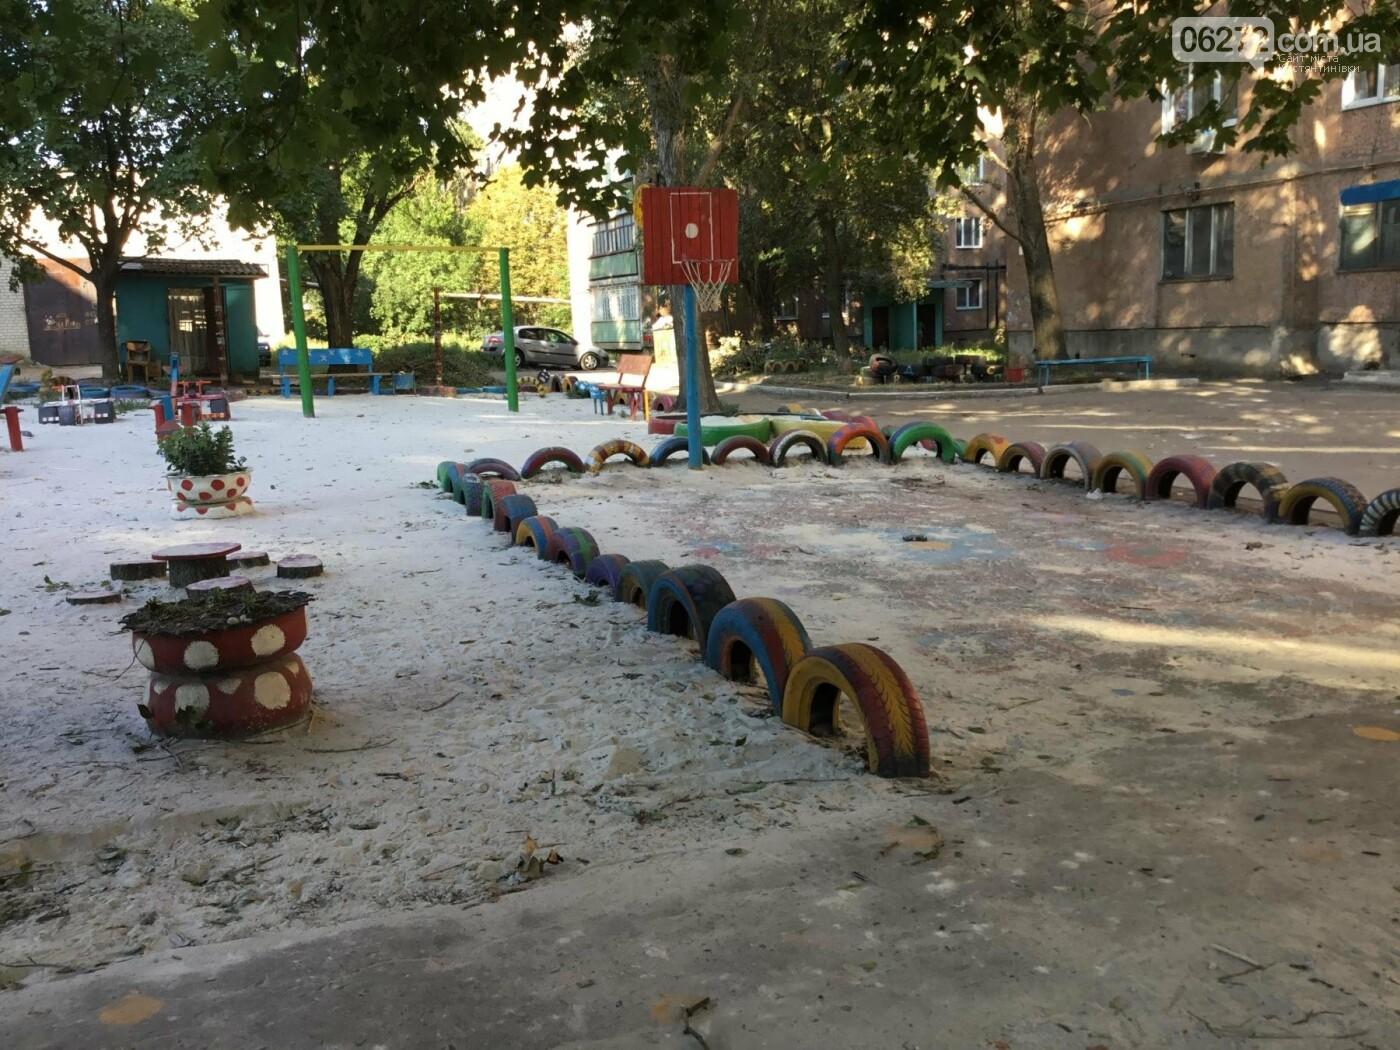 В Константиновке по ул. Безнощенко молодежь сделала спортивную площадку для детей, фото-19